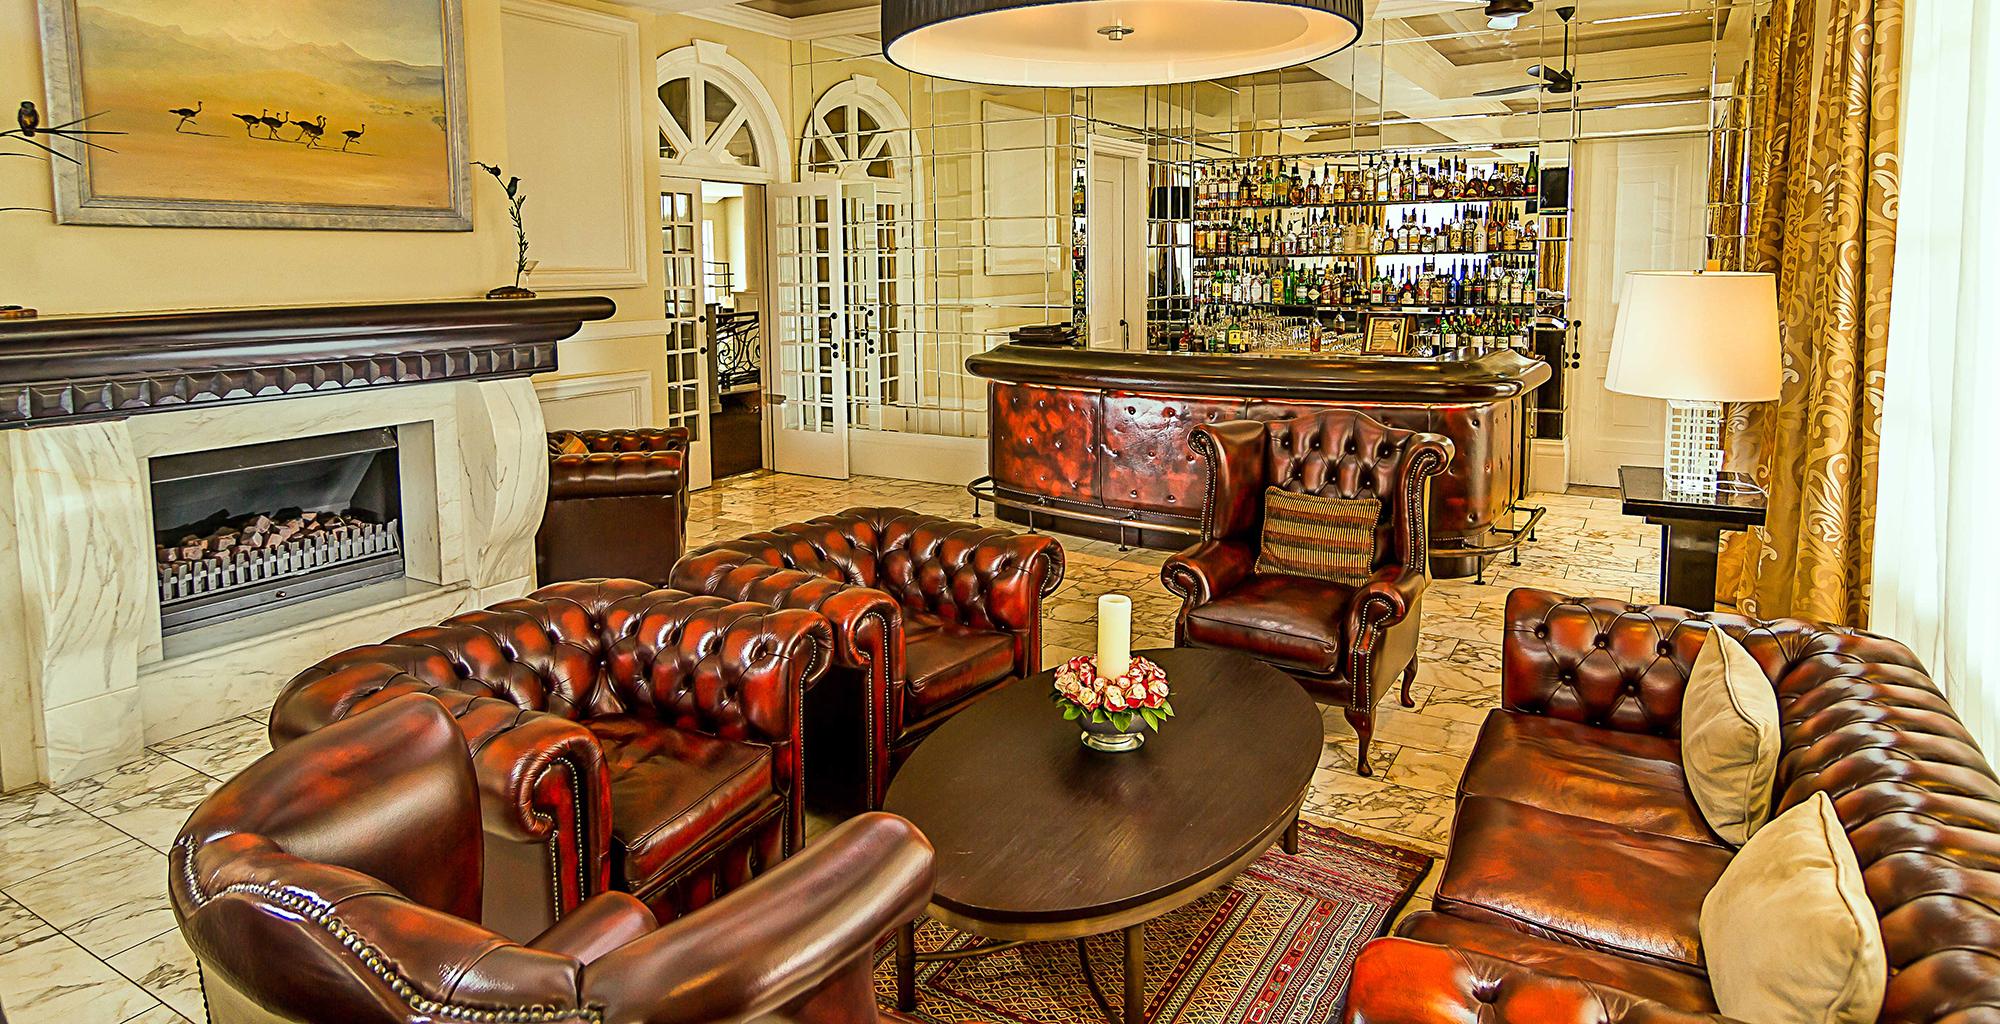 Kenya-Hemingways-Nairobi-Bar